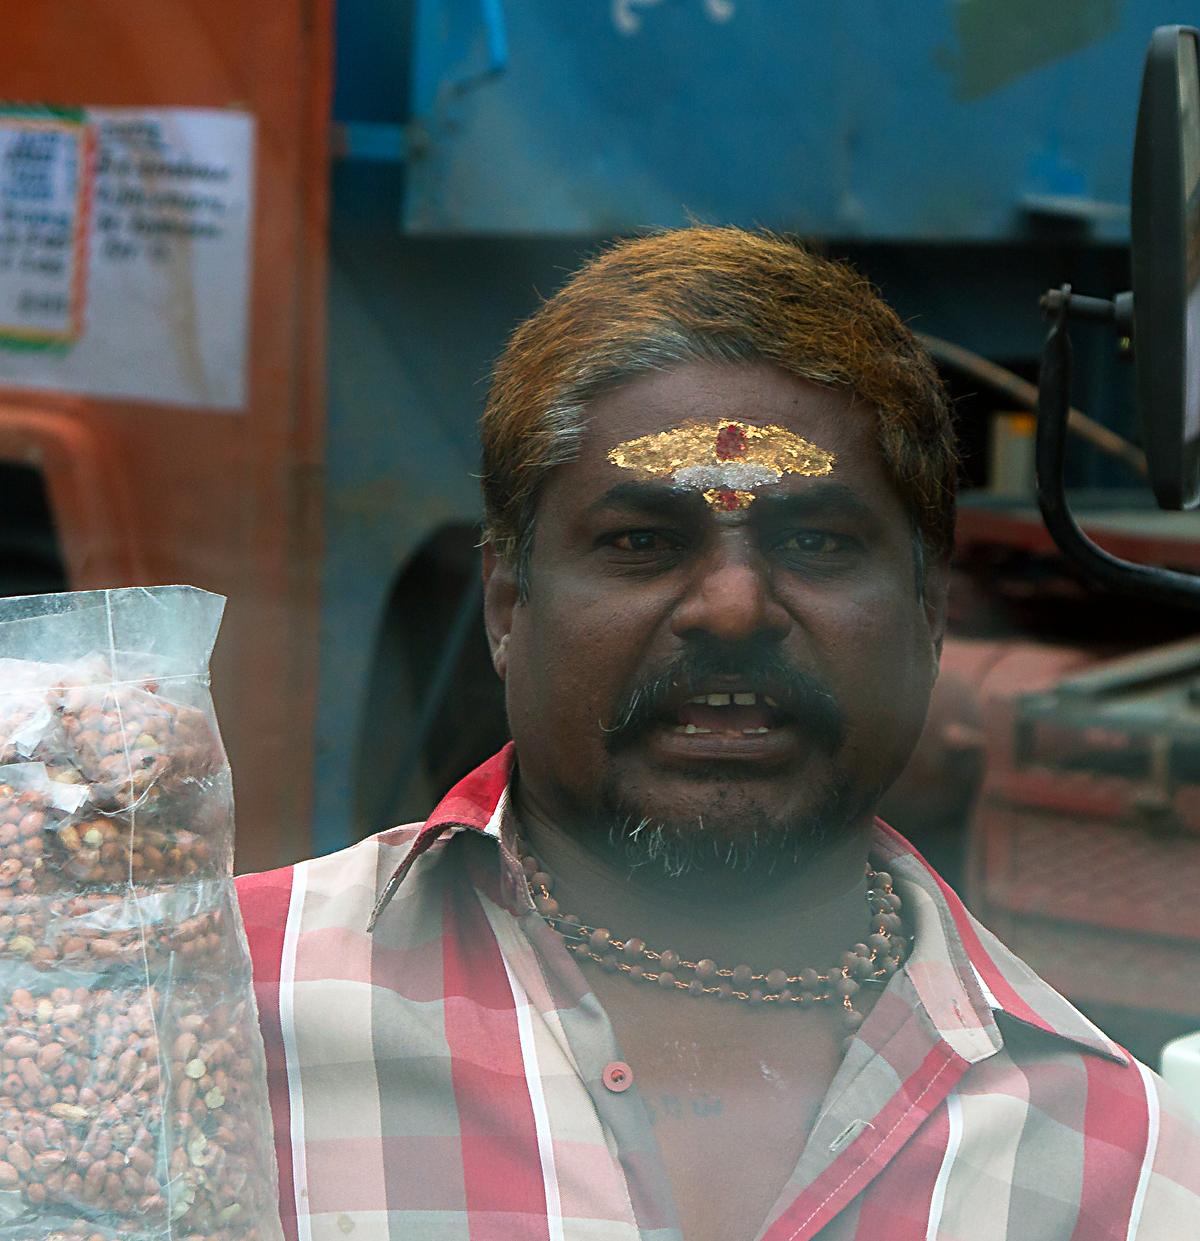 INDIEN Chennai Menschen Tempel FINEST-onTour 7436.jpg